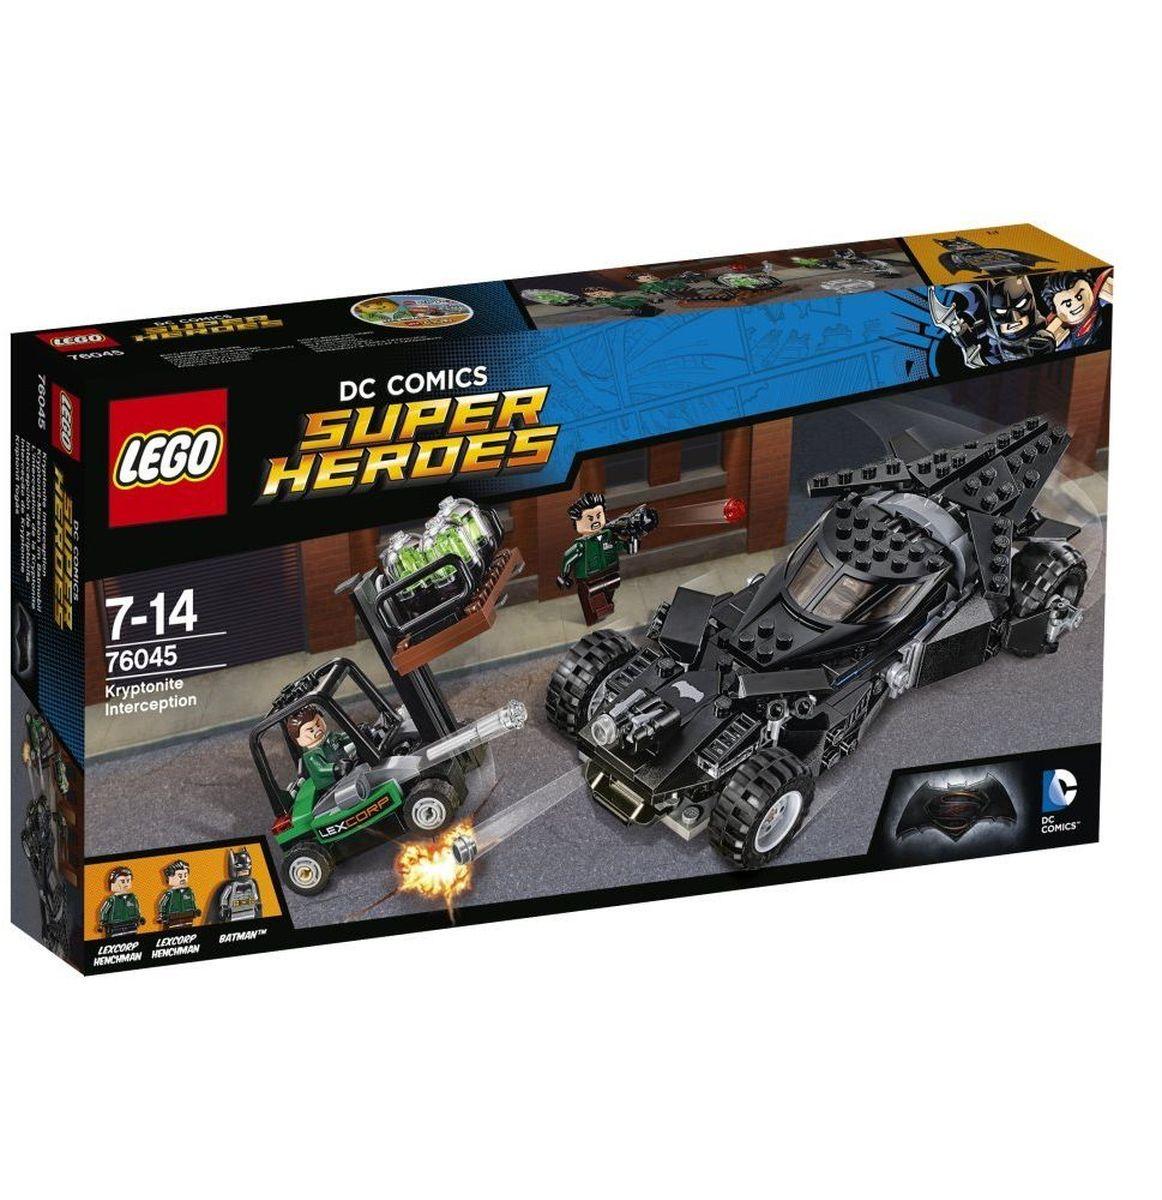 LEGO Super Heroes Конструктор Перехват криптонита 7604576045Спеши вместе с Бэтменом к пристани, где приспешники LexCorp грузят криптонит. Стреляй из шипованных шутеров Бэтмобиля и уворачивайся от маневренных ракет вильчатого погрузчика. Открой двери Бэтмобиля и начни атаку с помощью серебряного бэтаранга Бэтмена. Взорви криптонит из погрузчика и уворачивайся от выстрелов базуки бандитов. Удастся ли Бэтмену сбежать со своим токсичным грузом? Конструктор LEGO Super Heroes Перехват криптонита включает в себя 306 разноцветных пластиковых элементов с тремя фигурками. Конструктор - это один из самых увлекательных и веселых способов времяпрепровождения. Ребенок сможет часами играть с конструктором, придумывая различные ситуации и истории.